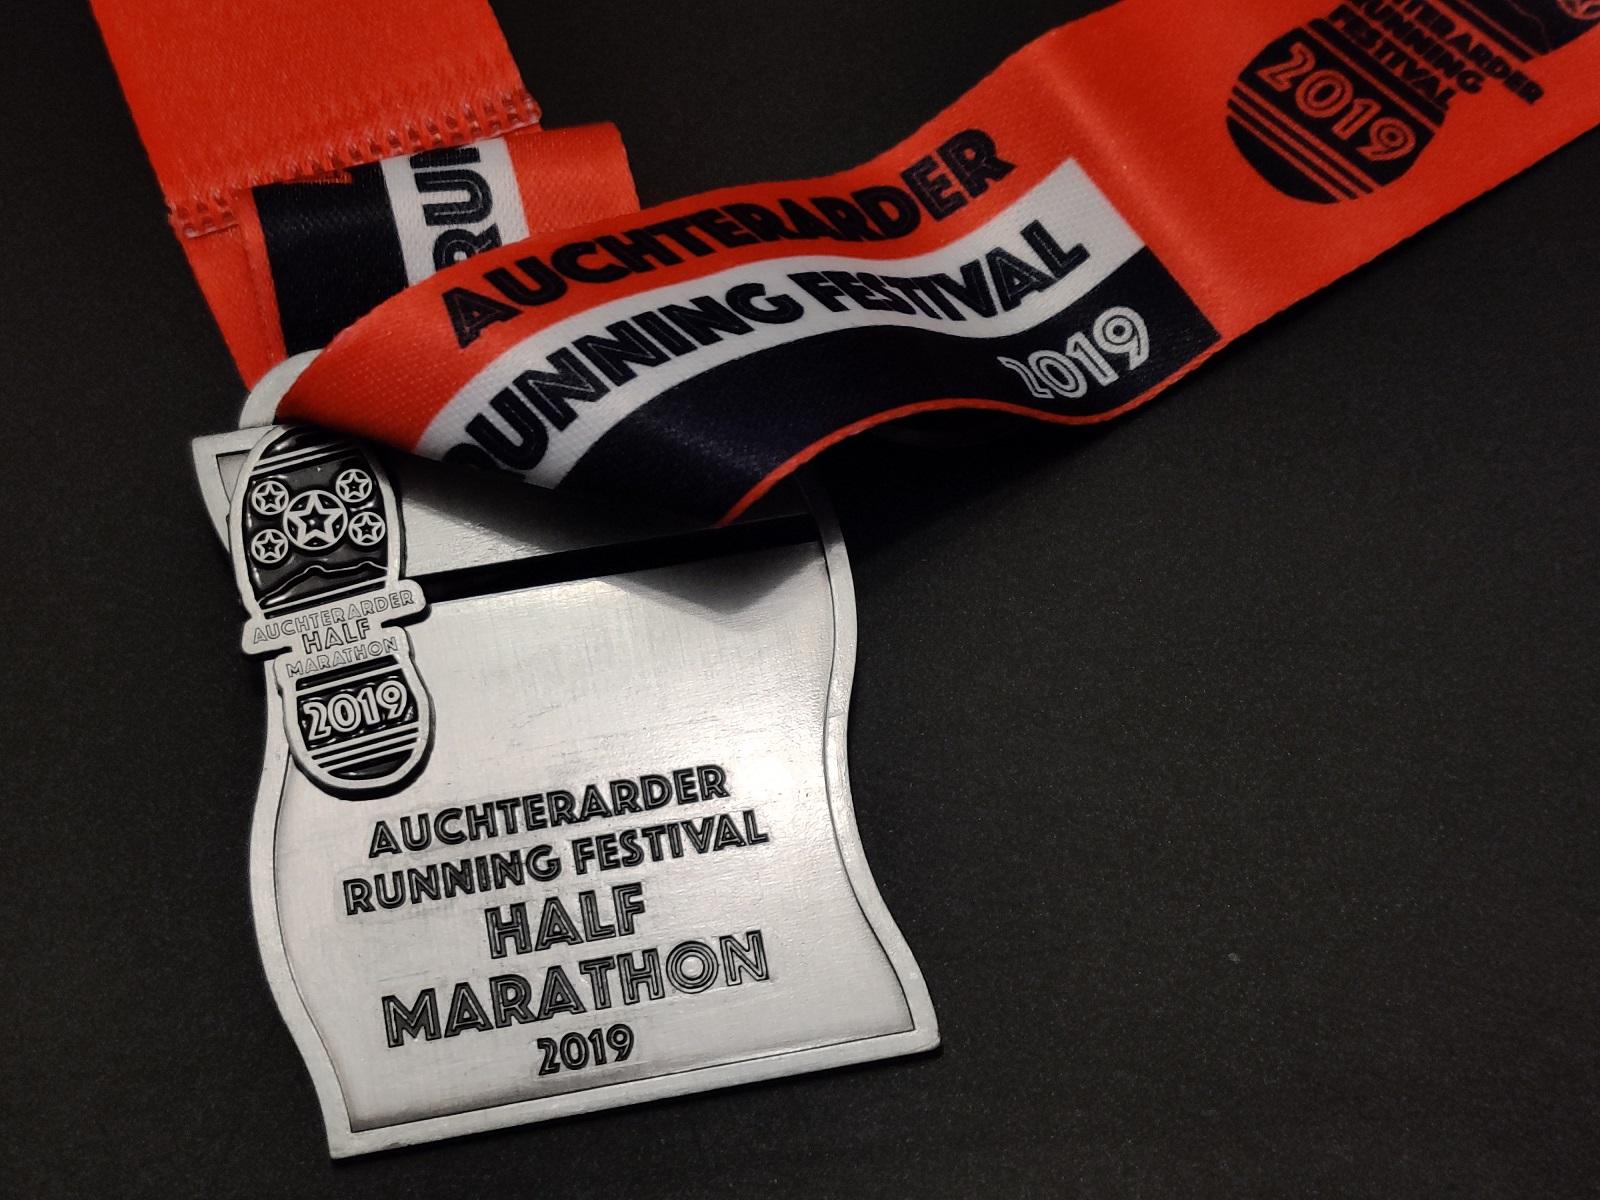 Auchterarder Half Marathon 2019